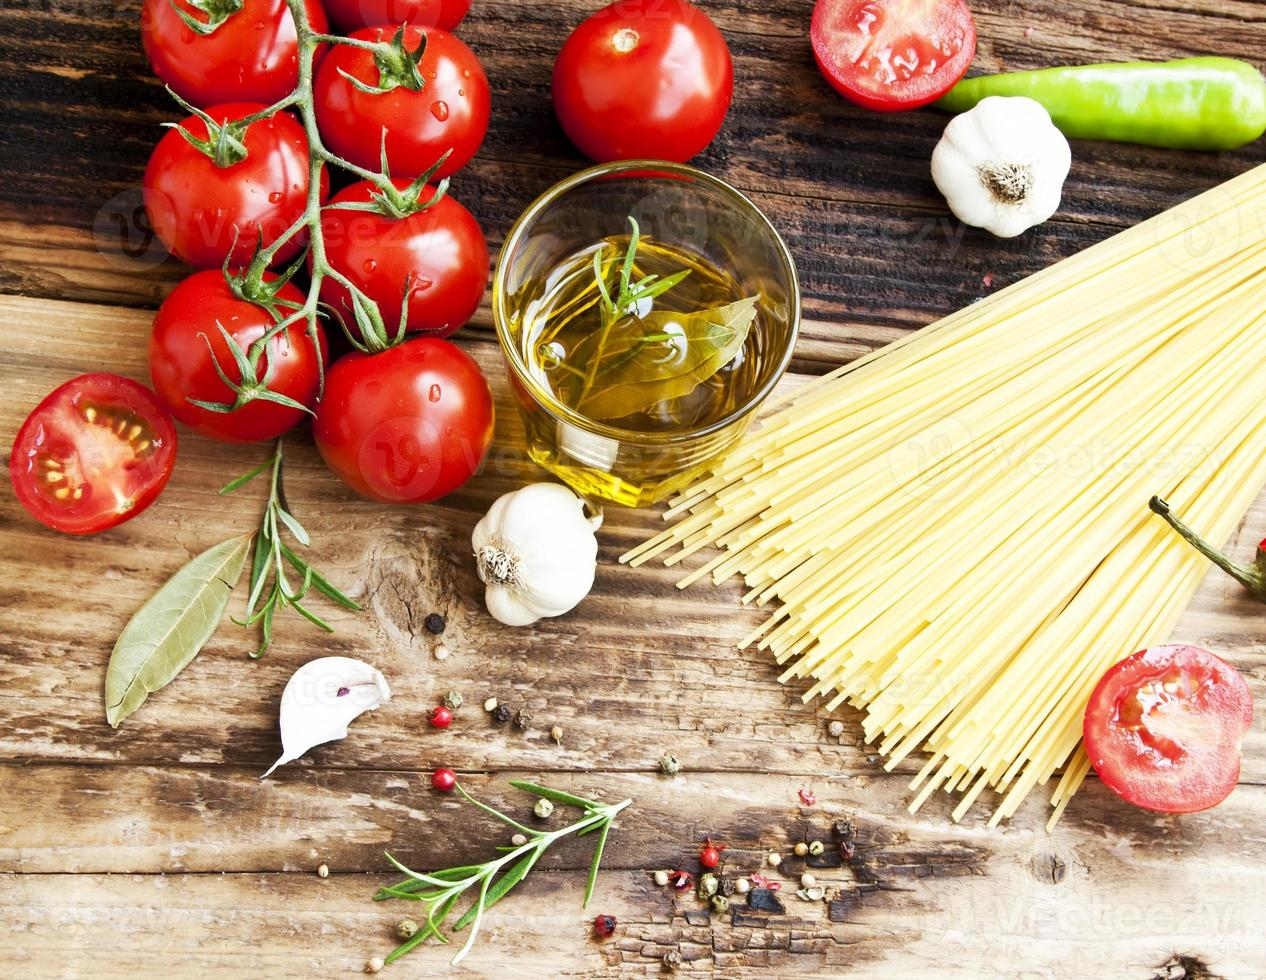 tomates cherry, aceite de oliva, pasta y especias, ingredientes mediterráneos foto